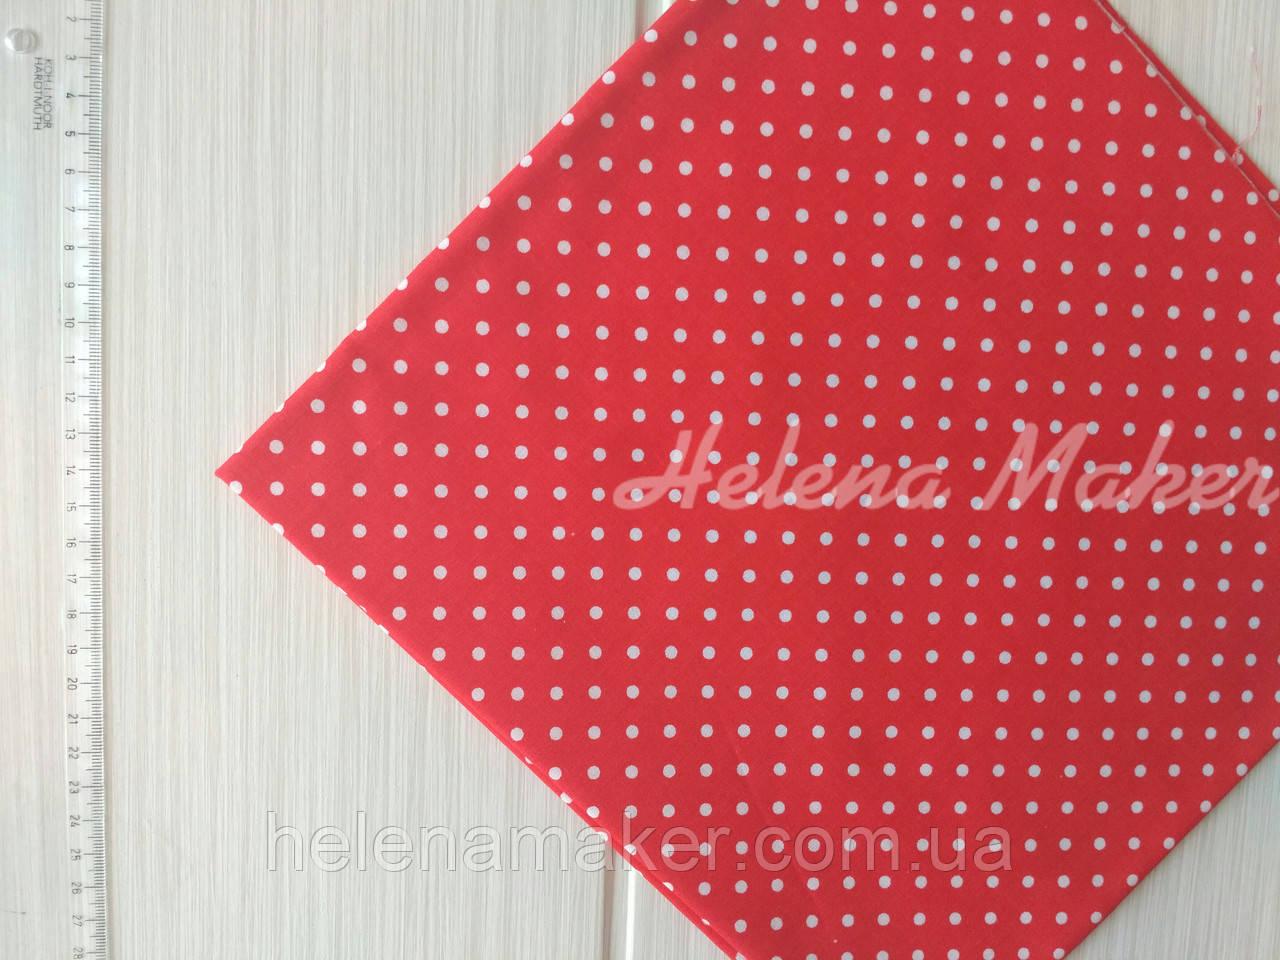 Хлопковая ткань красная в мелкий горошек 4 мм. Размер отреза 50*50 см